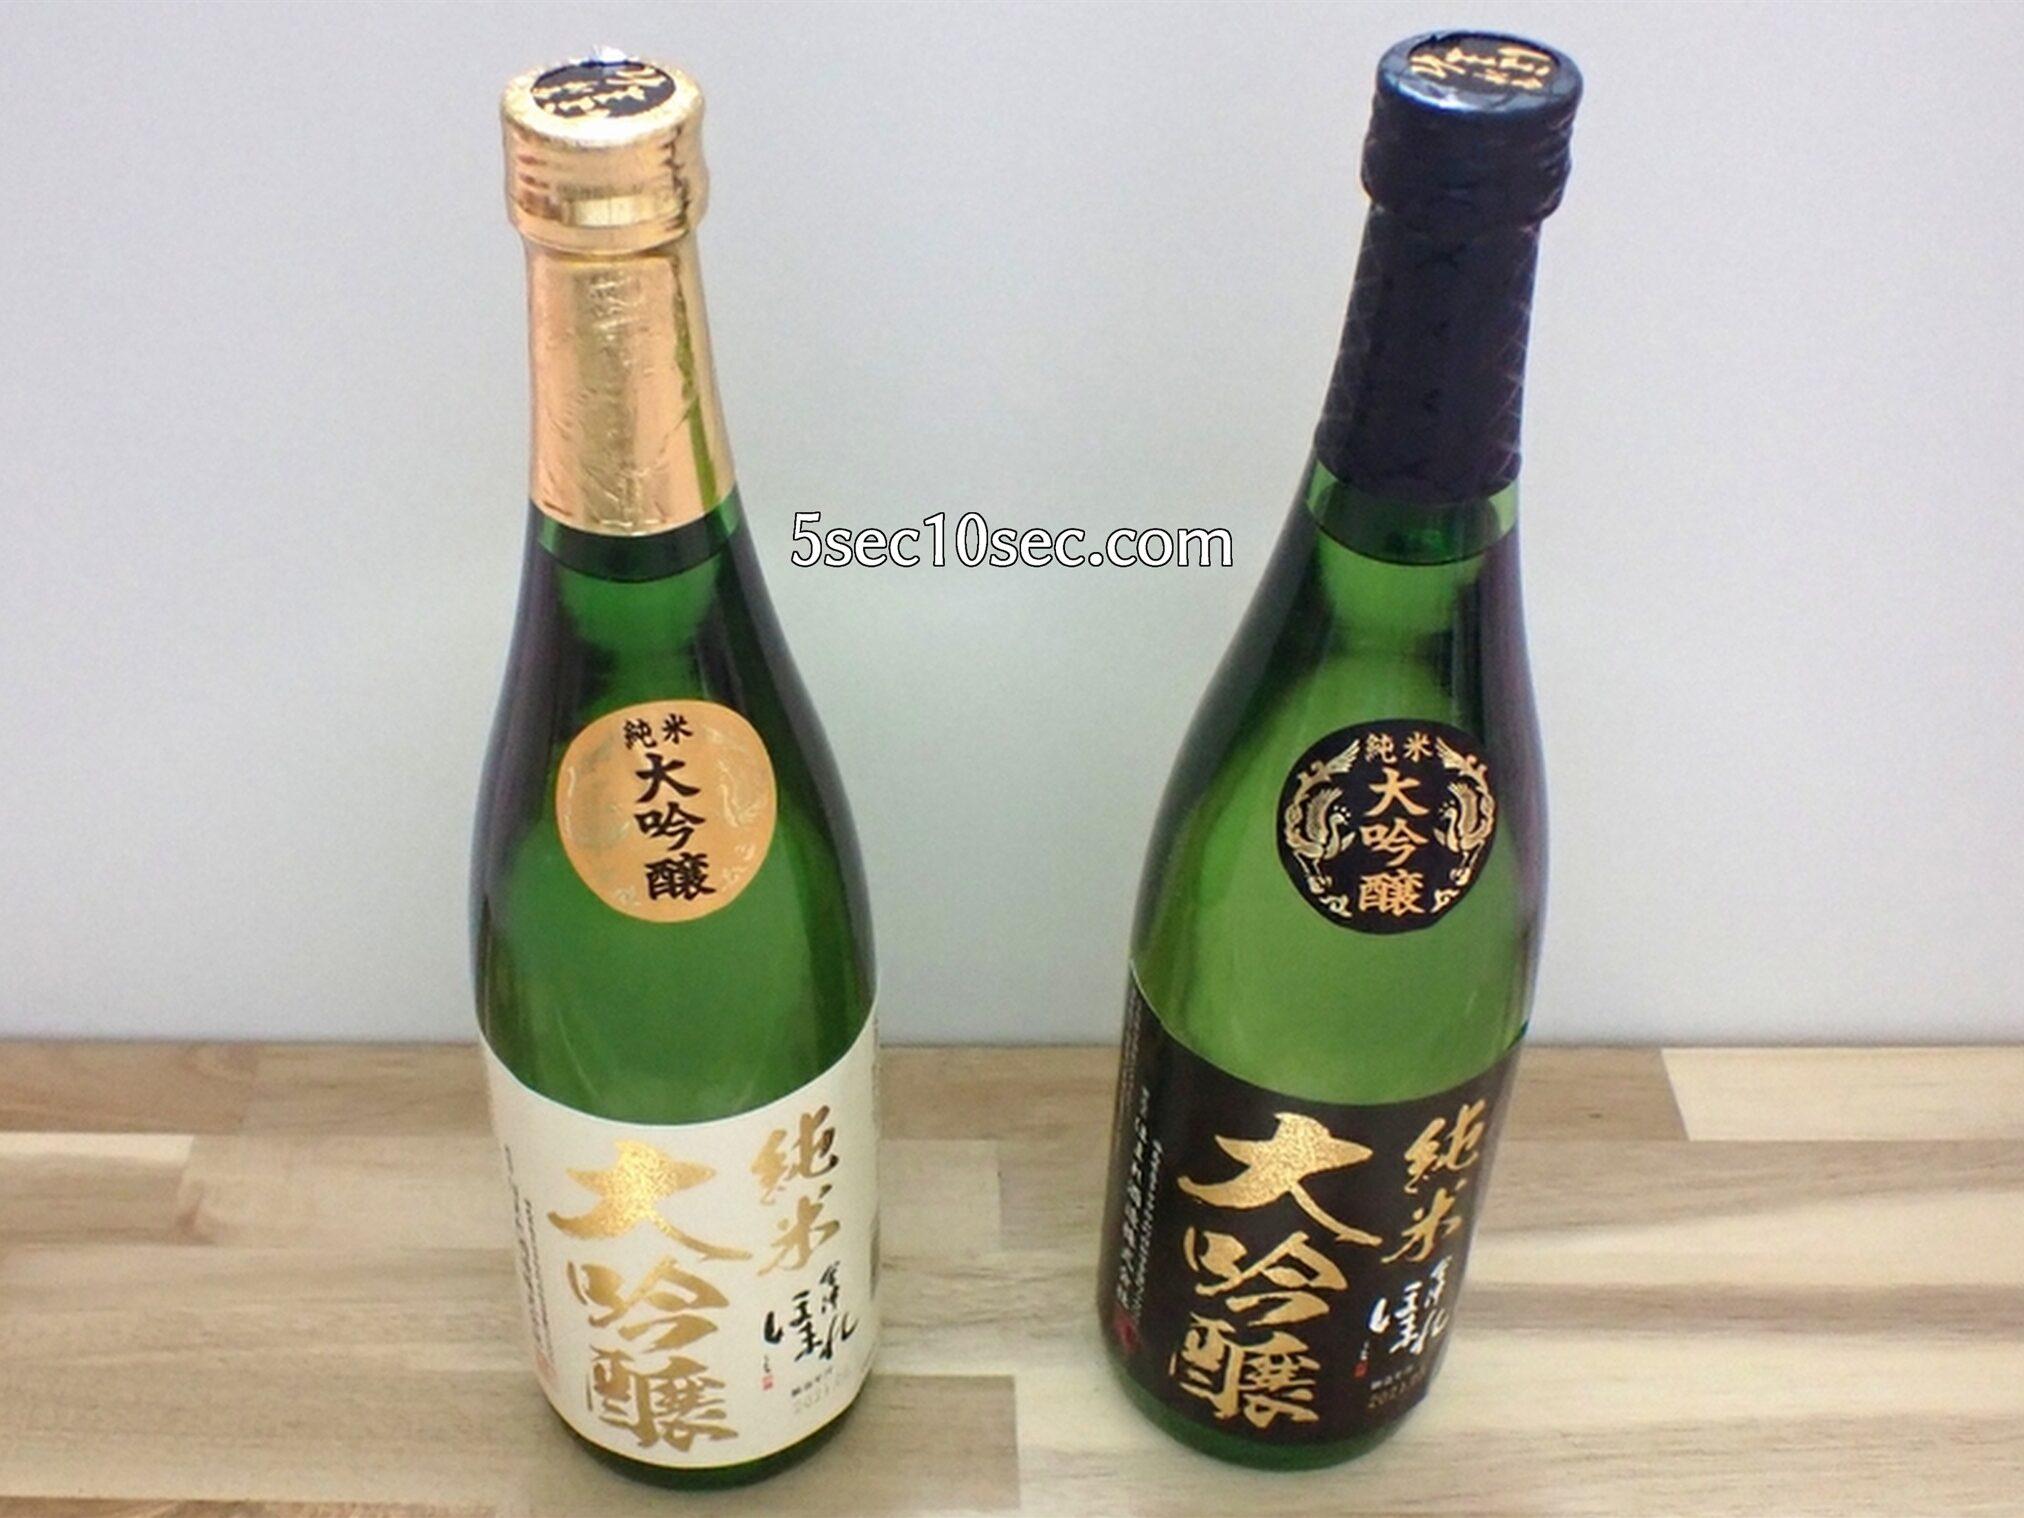 日本酒 純米大吟醸 会津ほまれ 白黒 極(きわみ)、極 黒ラベル